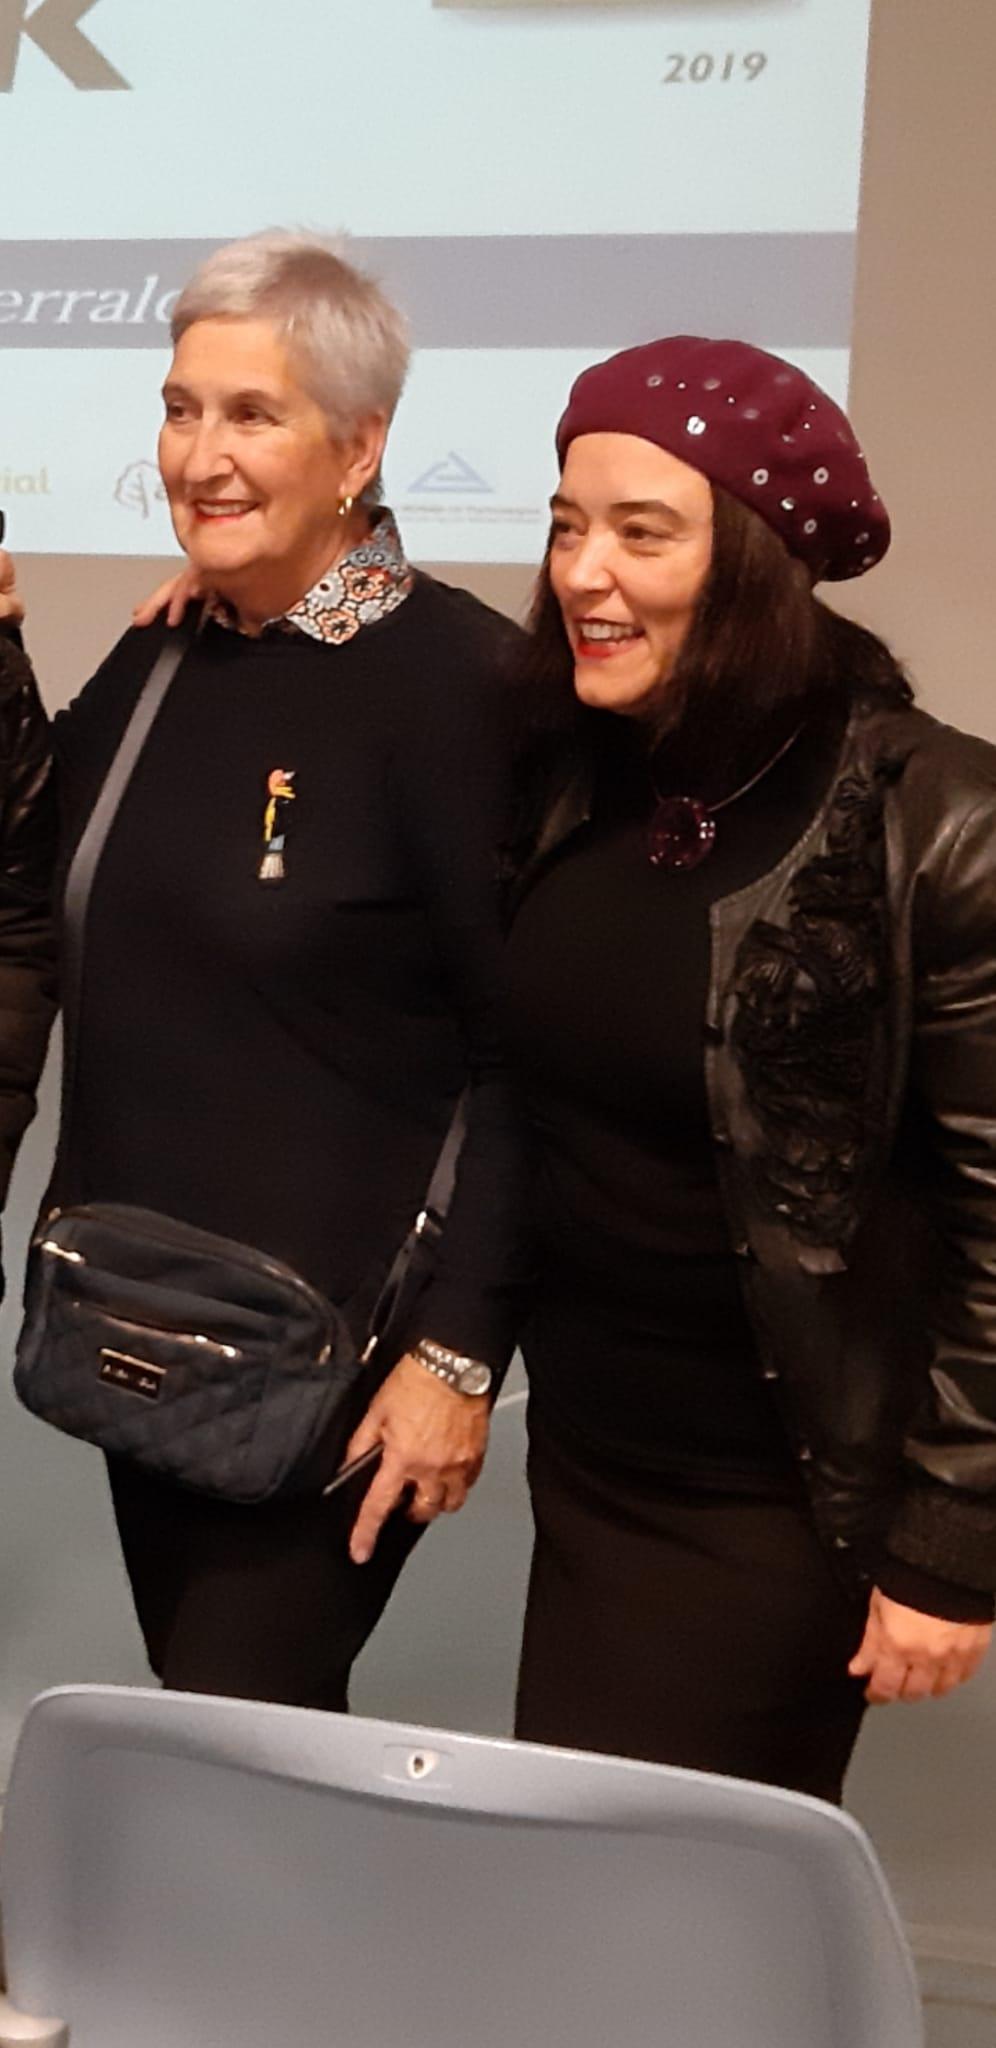 Agustina Fernández e Itxaso Tellaetxe recogen el premio DEIA Hemendik Sariak Ezkerraldea 2019